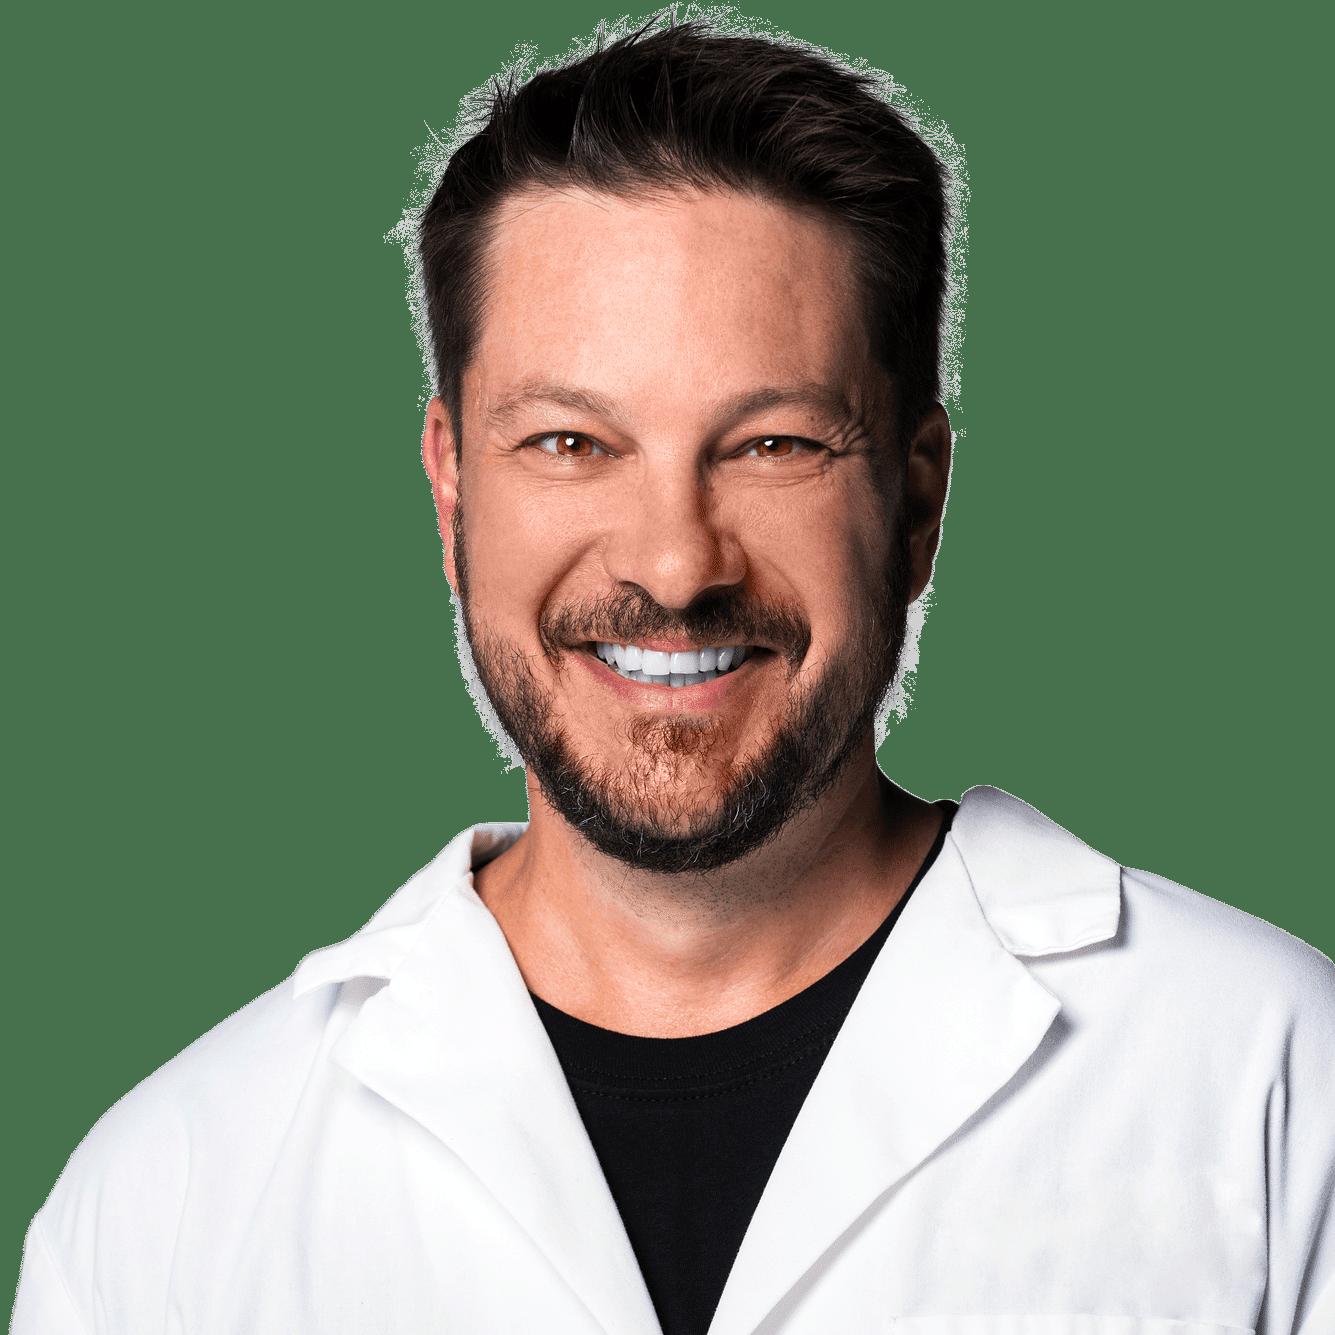 Dr. Aaron Florkowski, M.D.